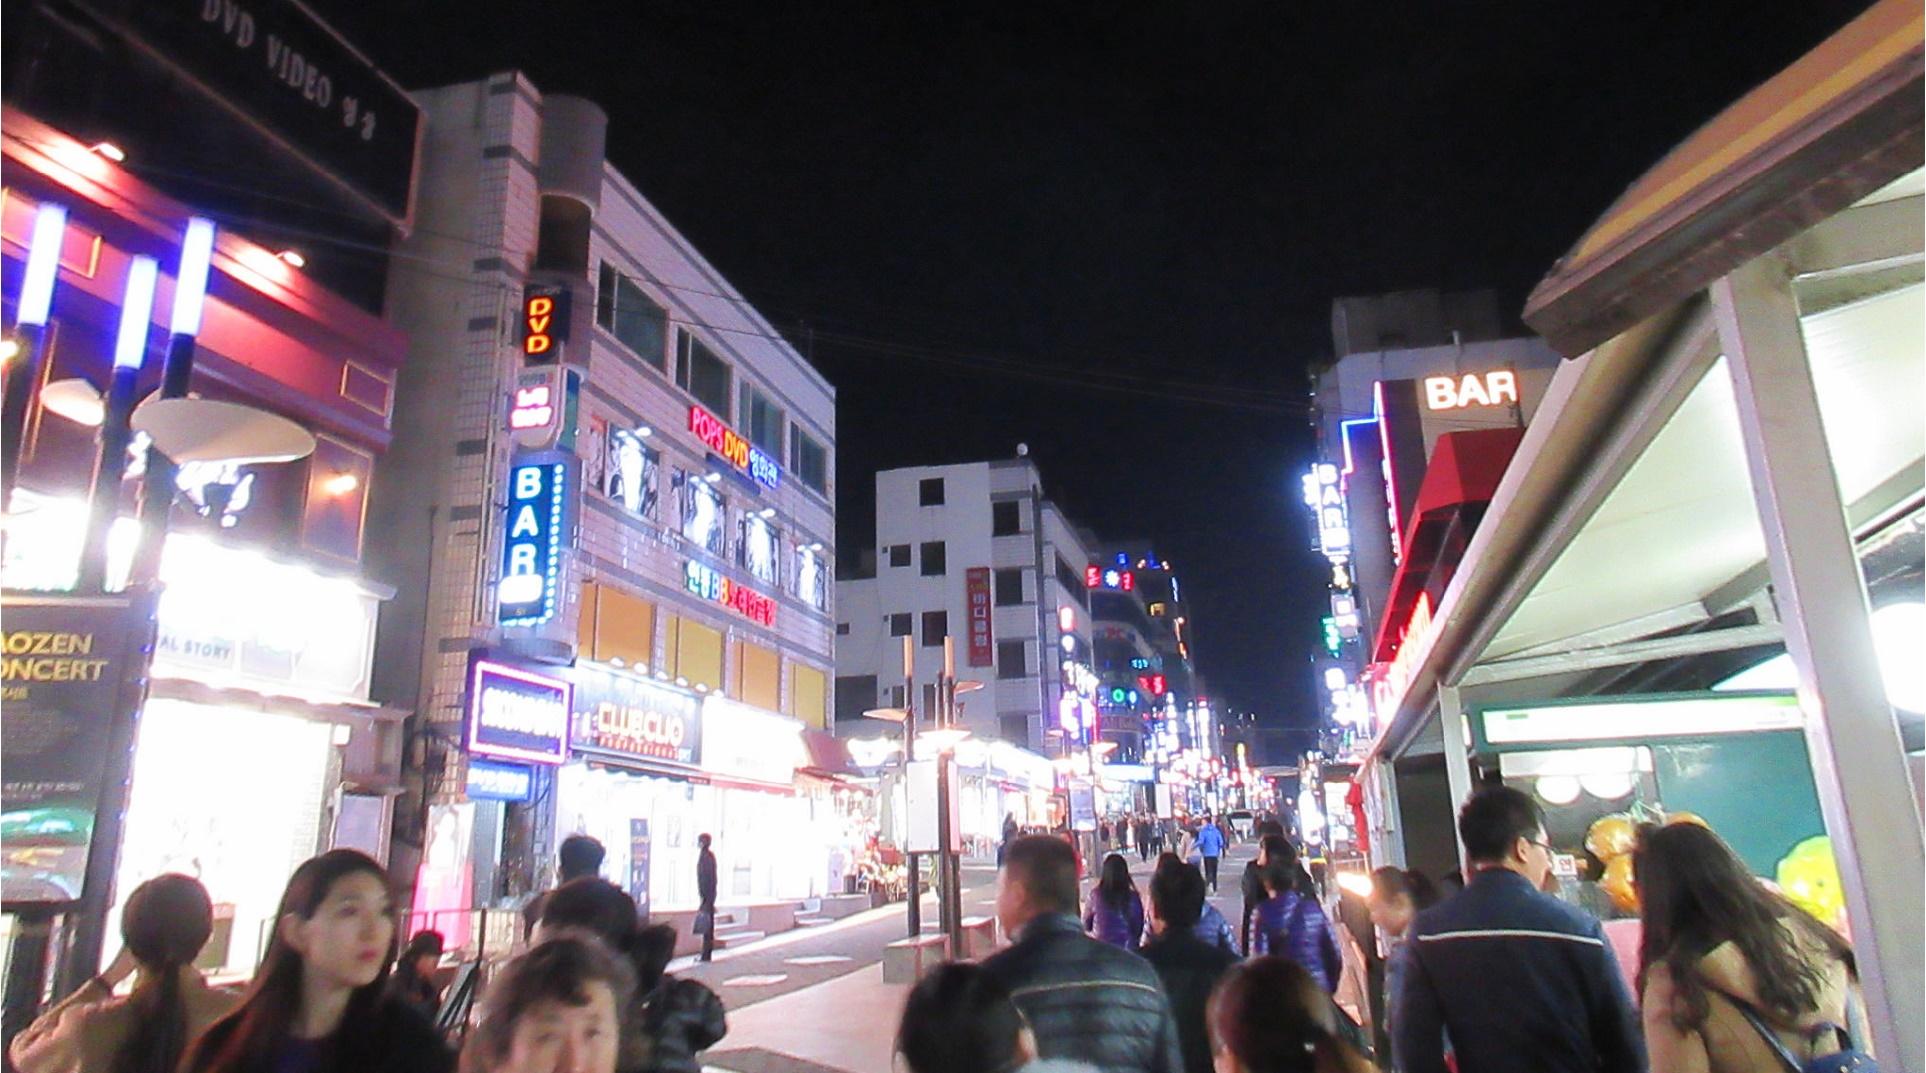 La conexión más rápida a Internet está en Asia